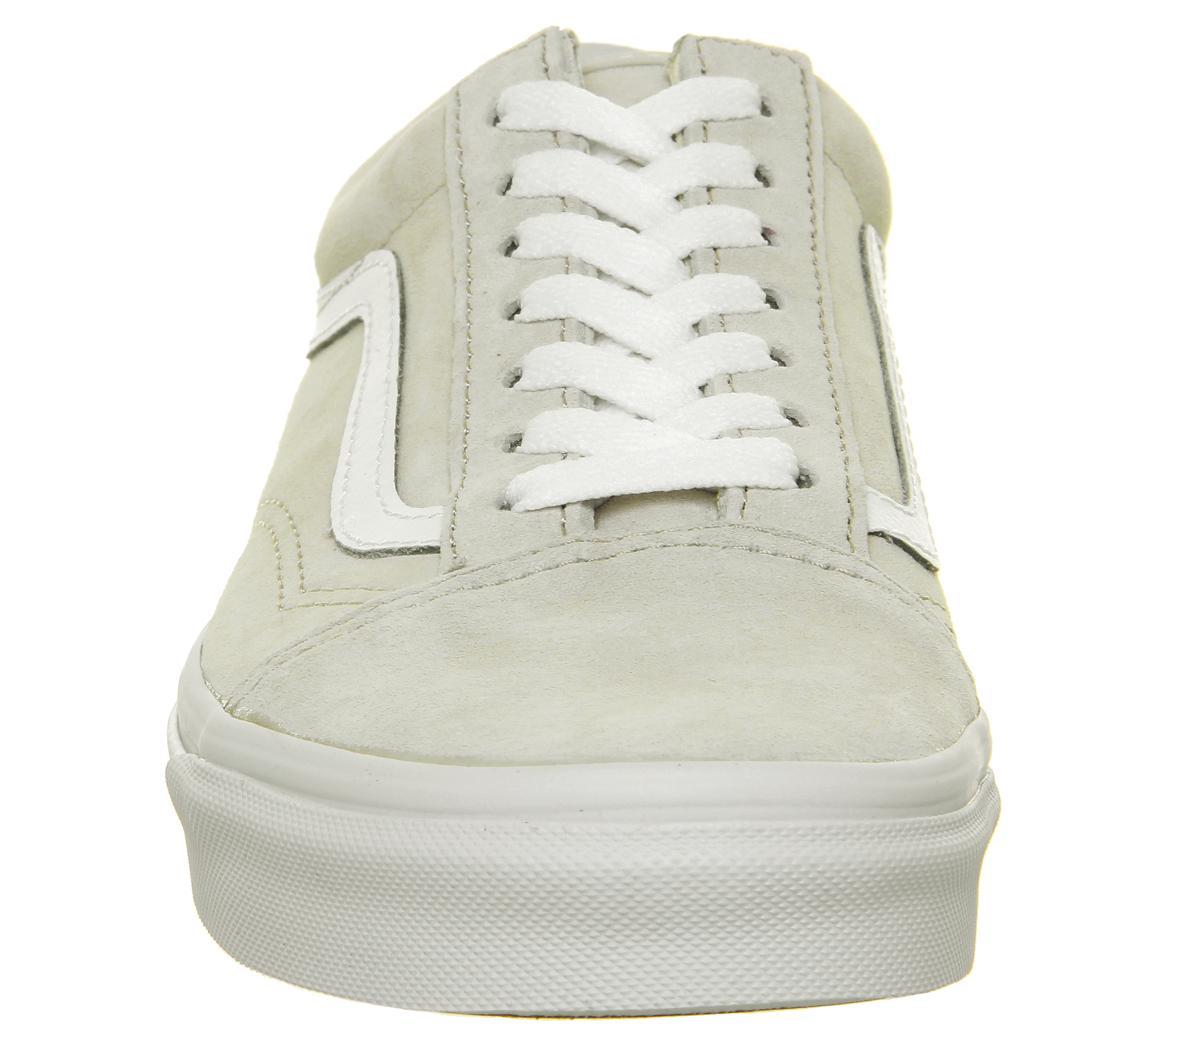 Vans Trainers Mens Moonbeam White 2421813604 Old Skool